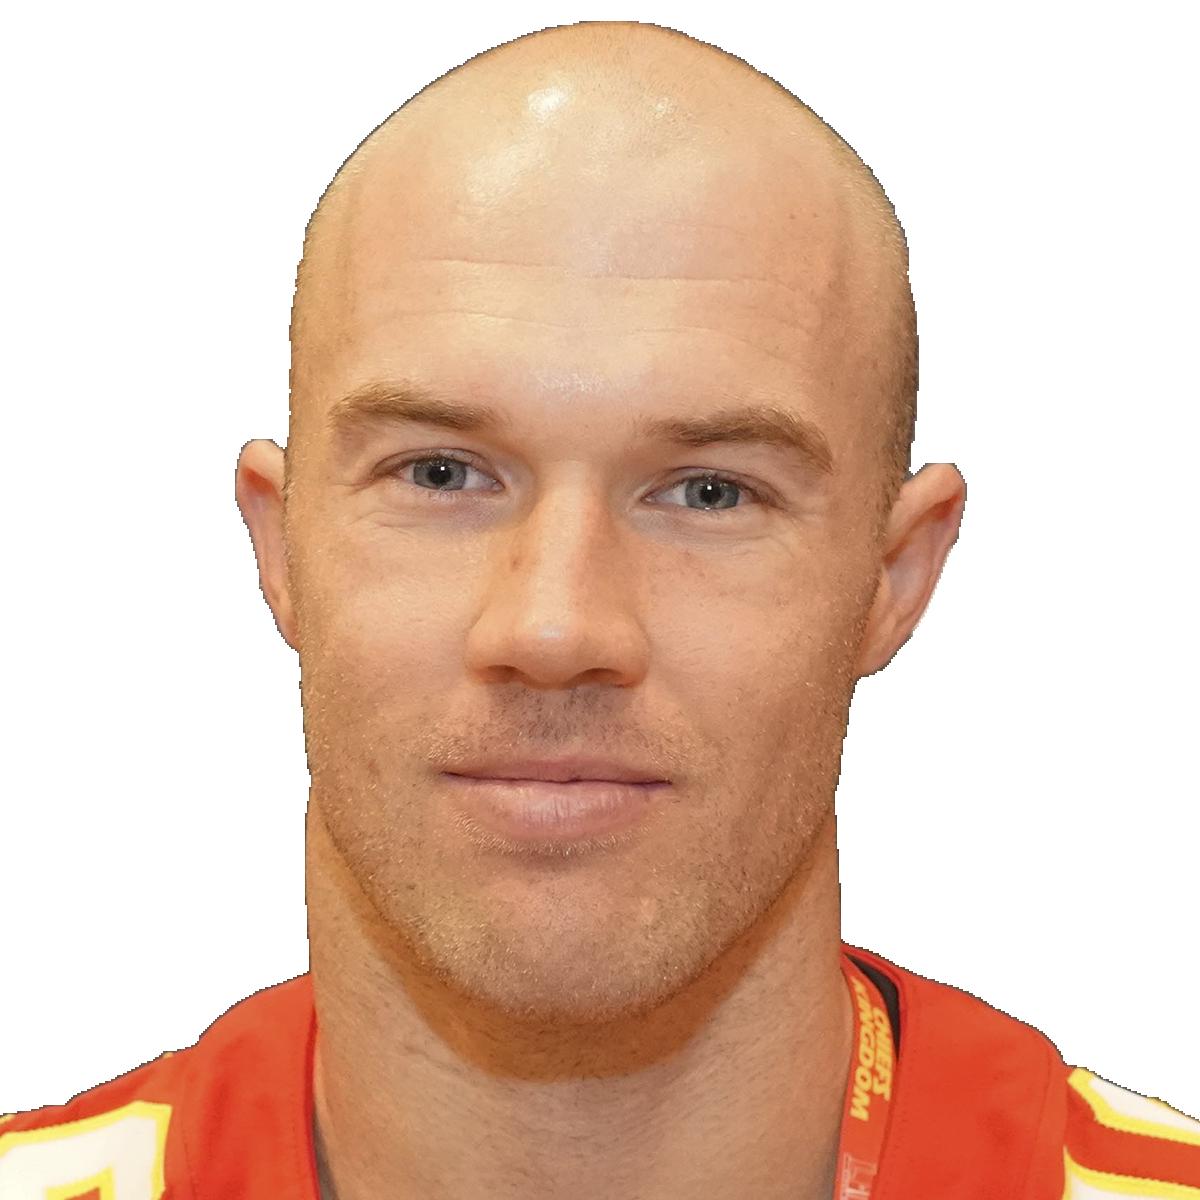 Daniel Sorensen